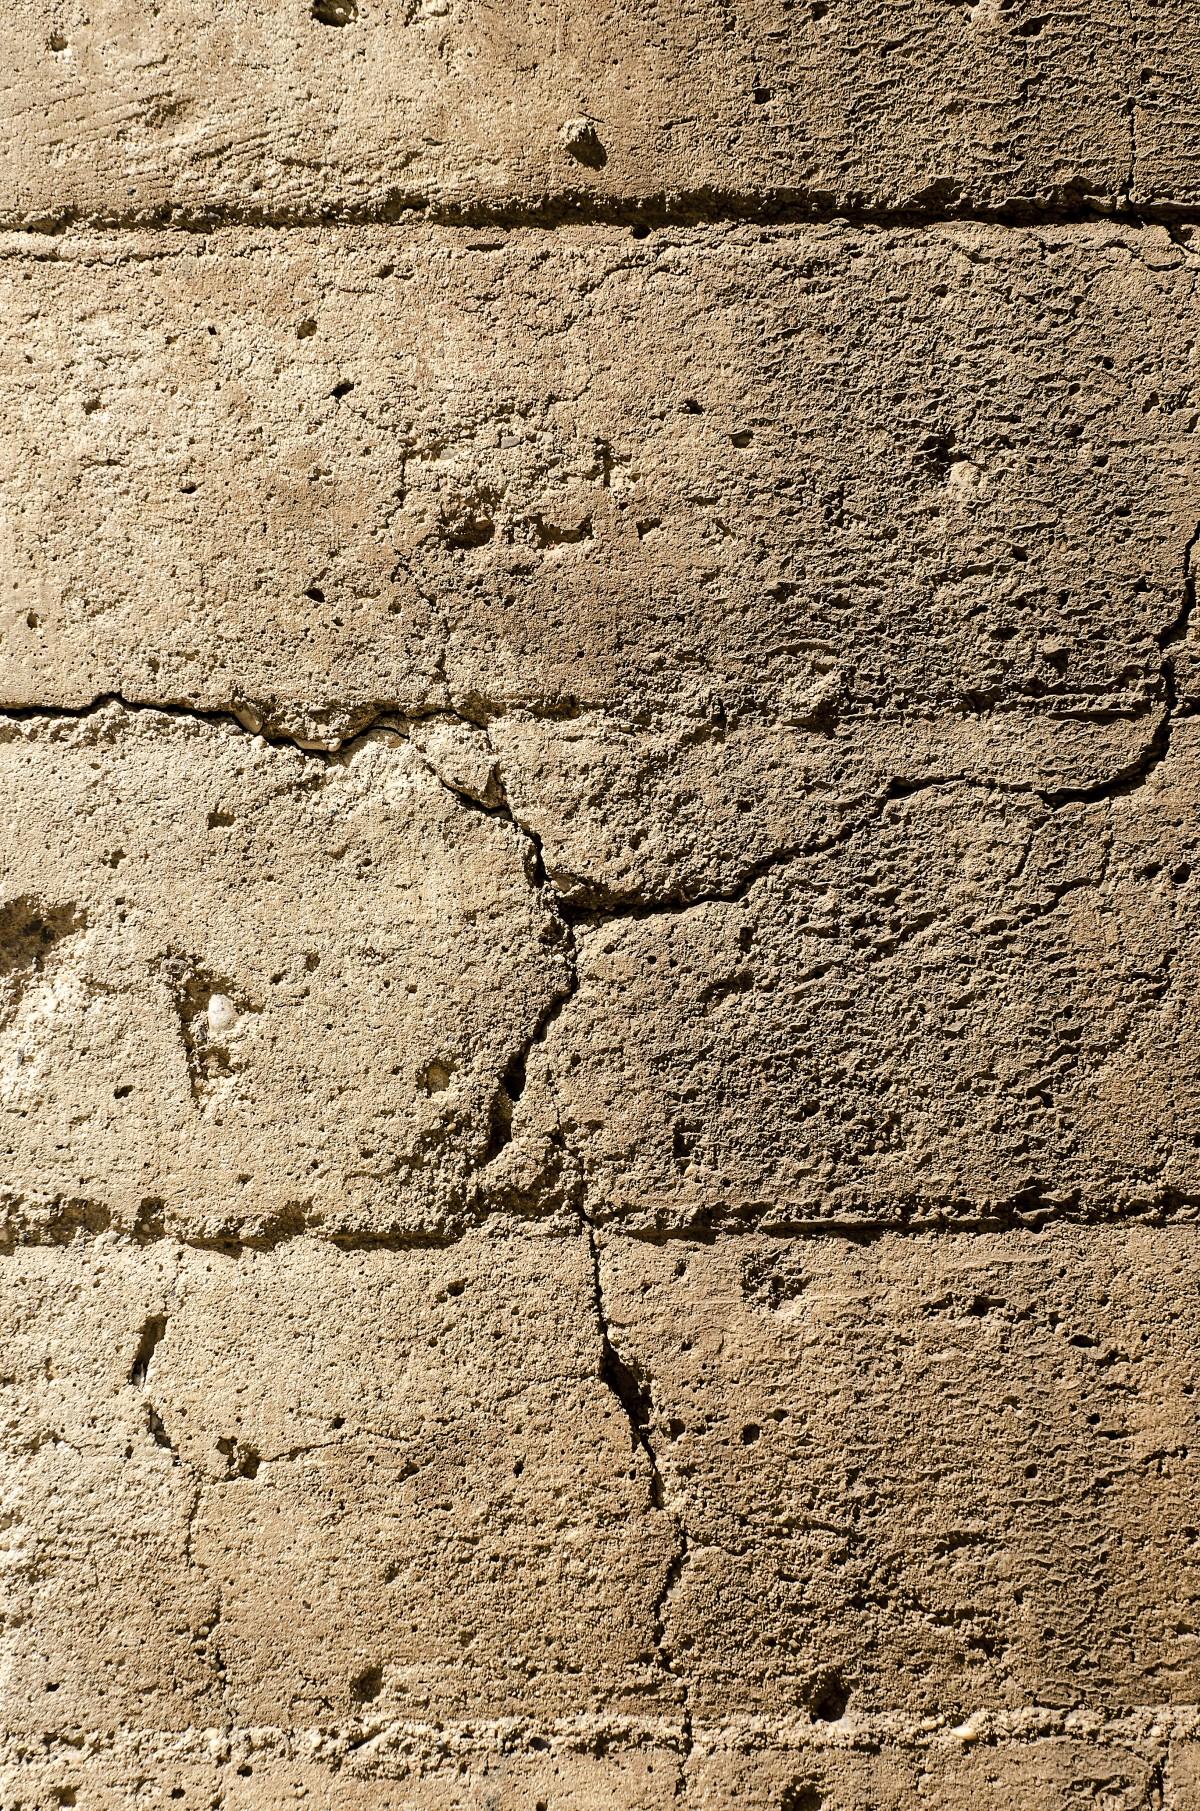 图片素材 岩 质地 地板 壁 沥青 路面 Grunge 粗 石墙 材料 具体 表面 地质